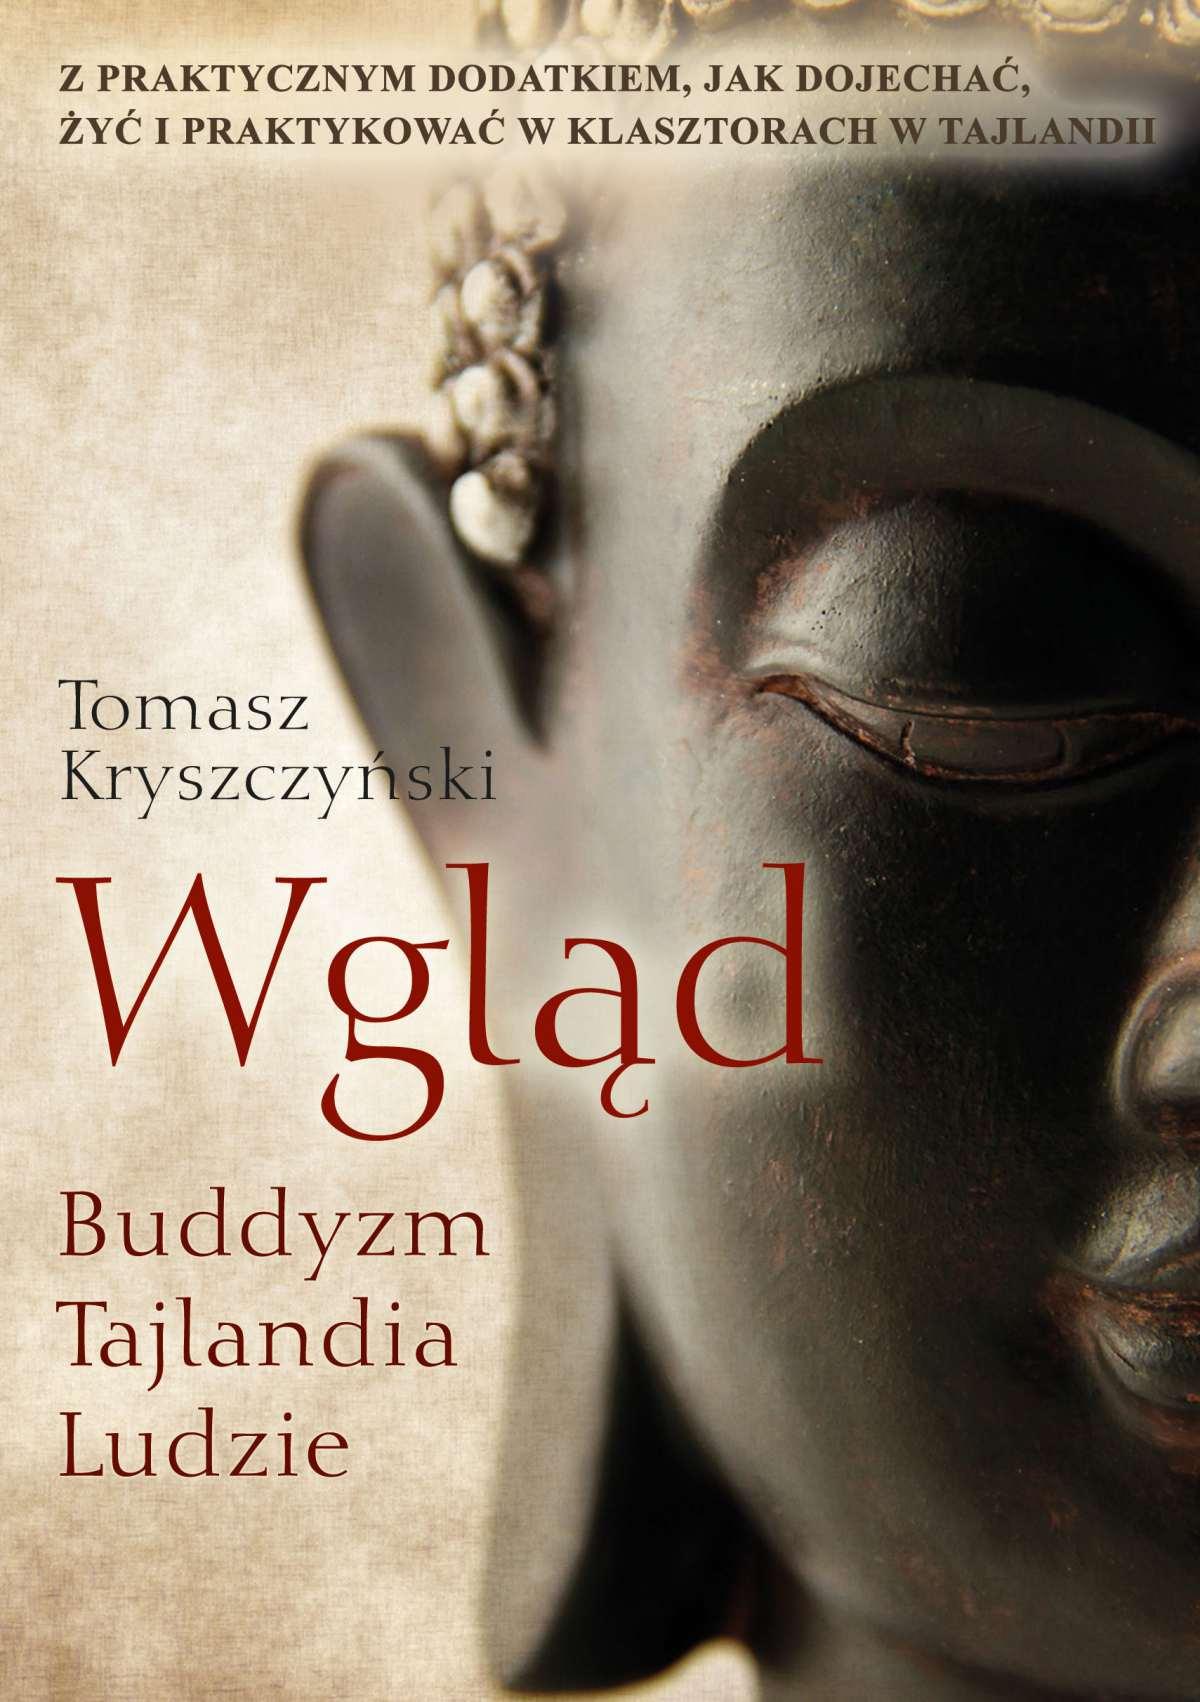 Wgląd. Buddyzm, Tajlandia, Ludzie - Ebook (Książka na Kindle) do pobrania w formacie MOBI